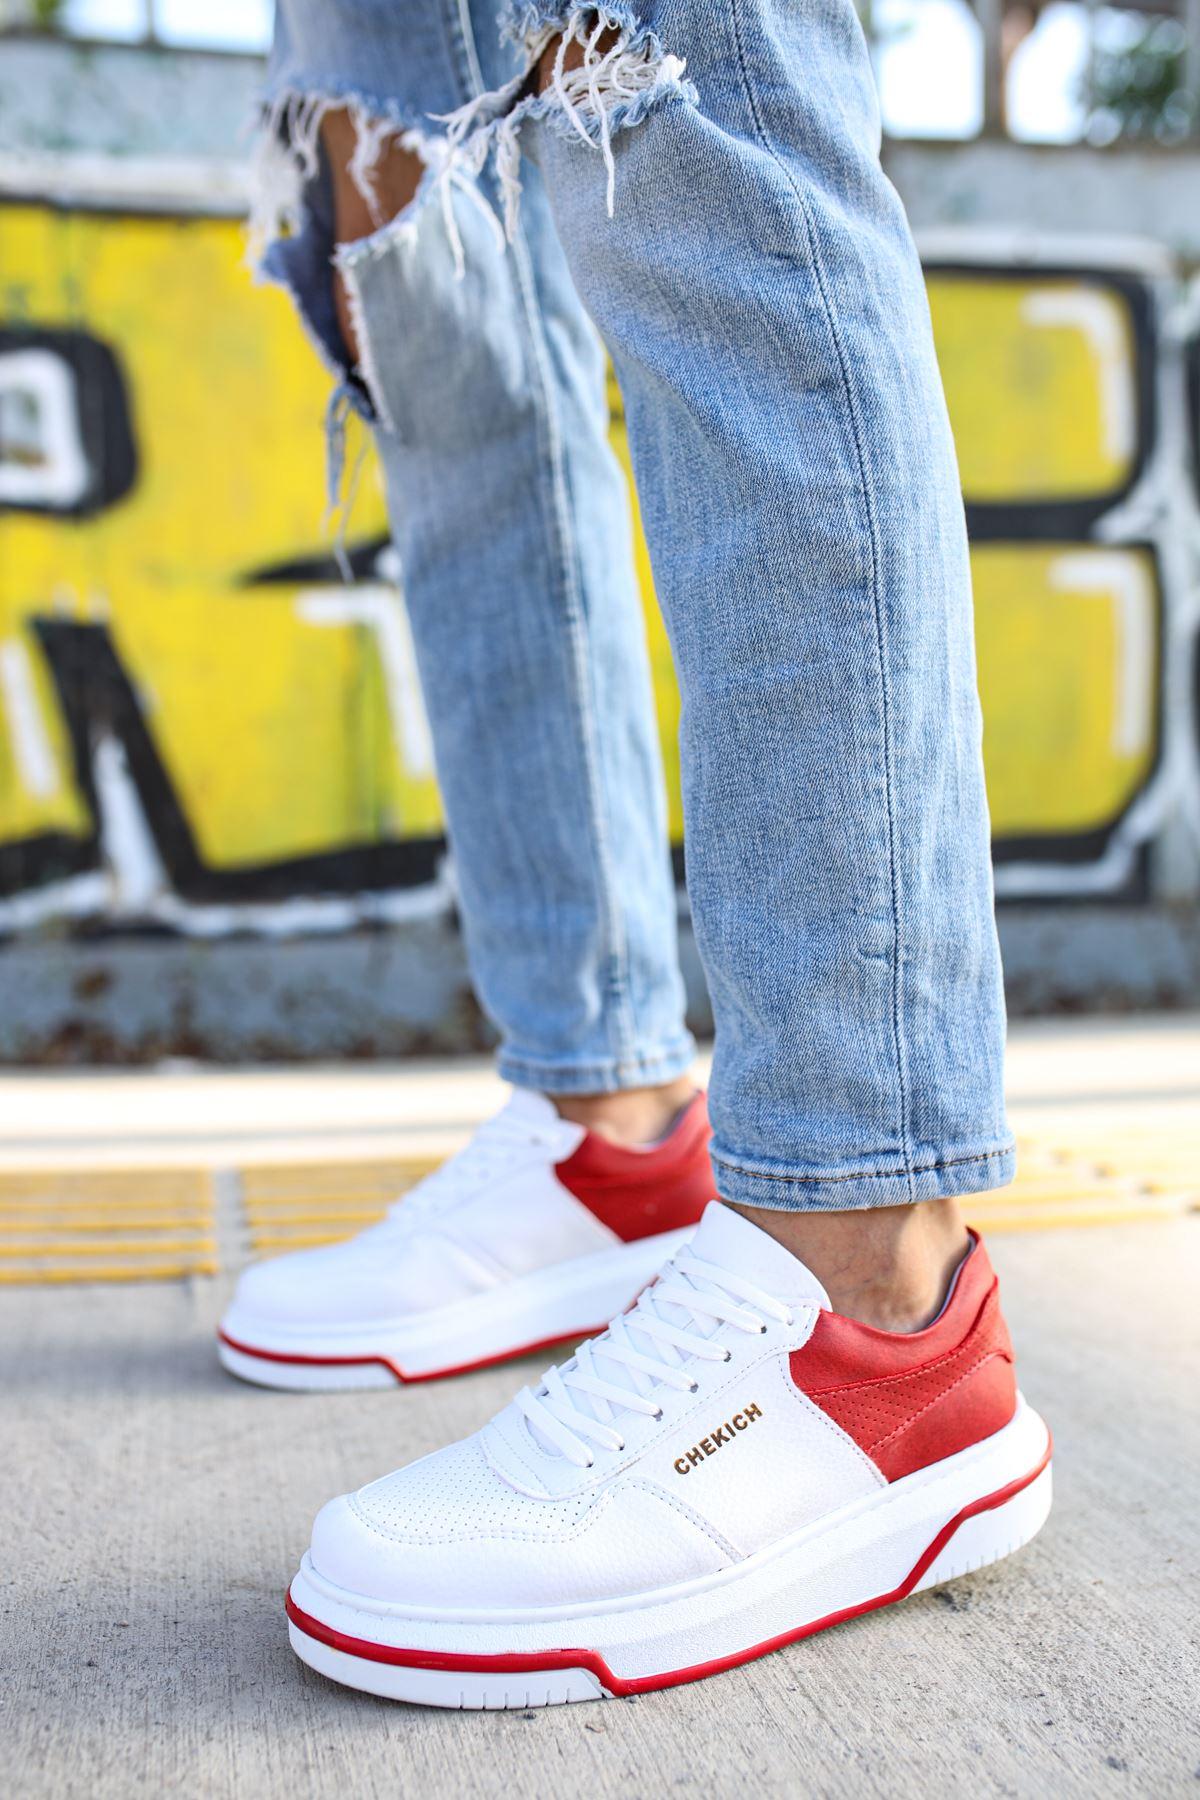 Chekich CH075 İpekyol Beyaz Taban Erkek Ayakkabı BEYAZ/KIRMIZI